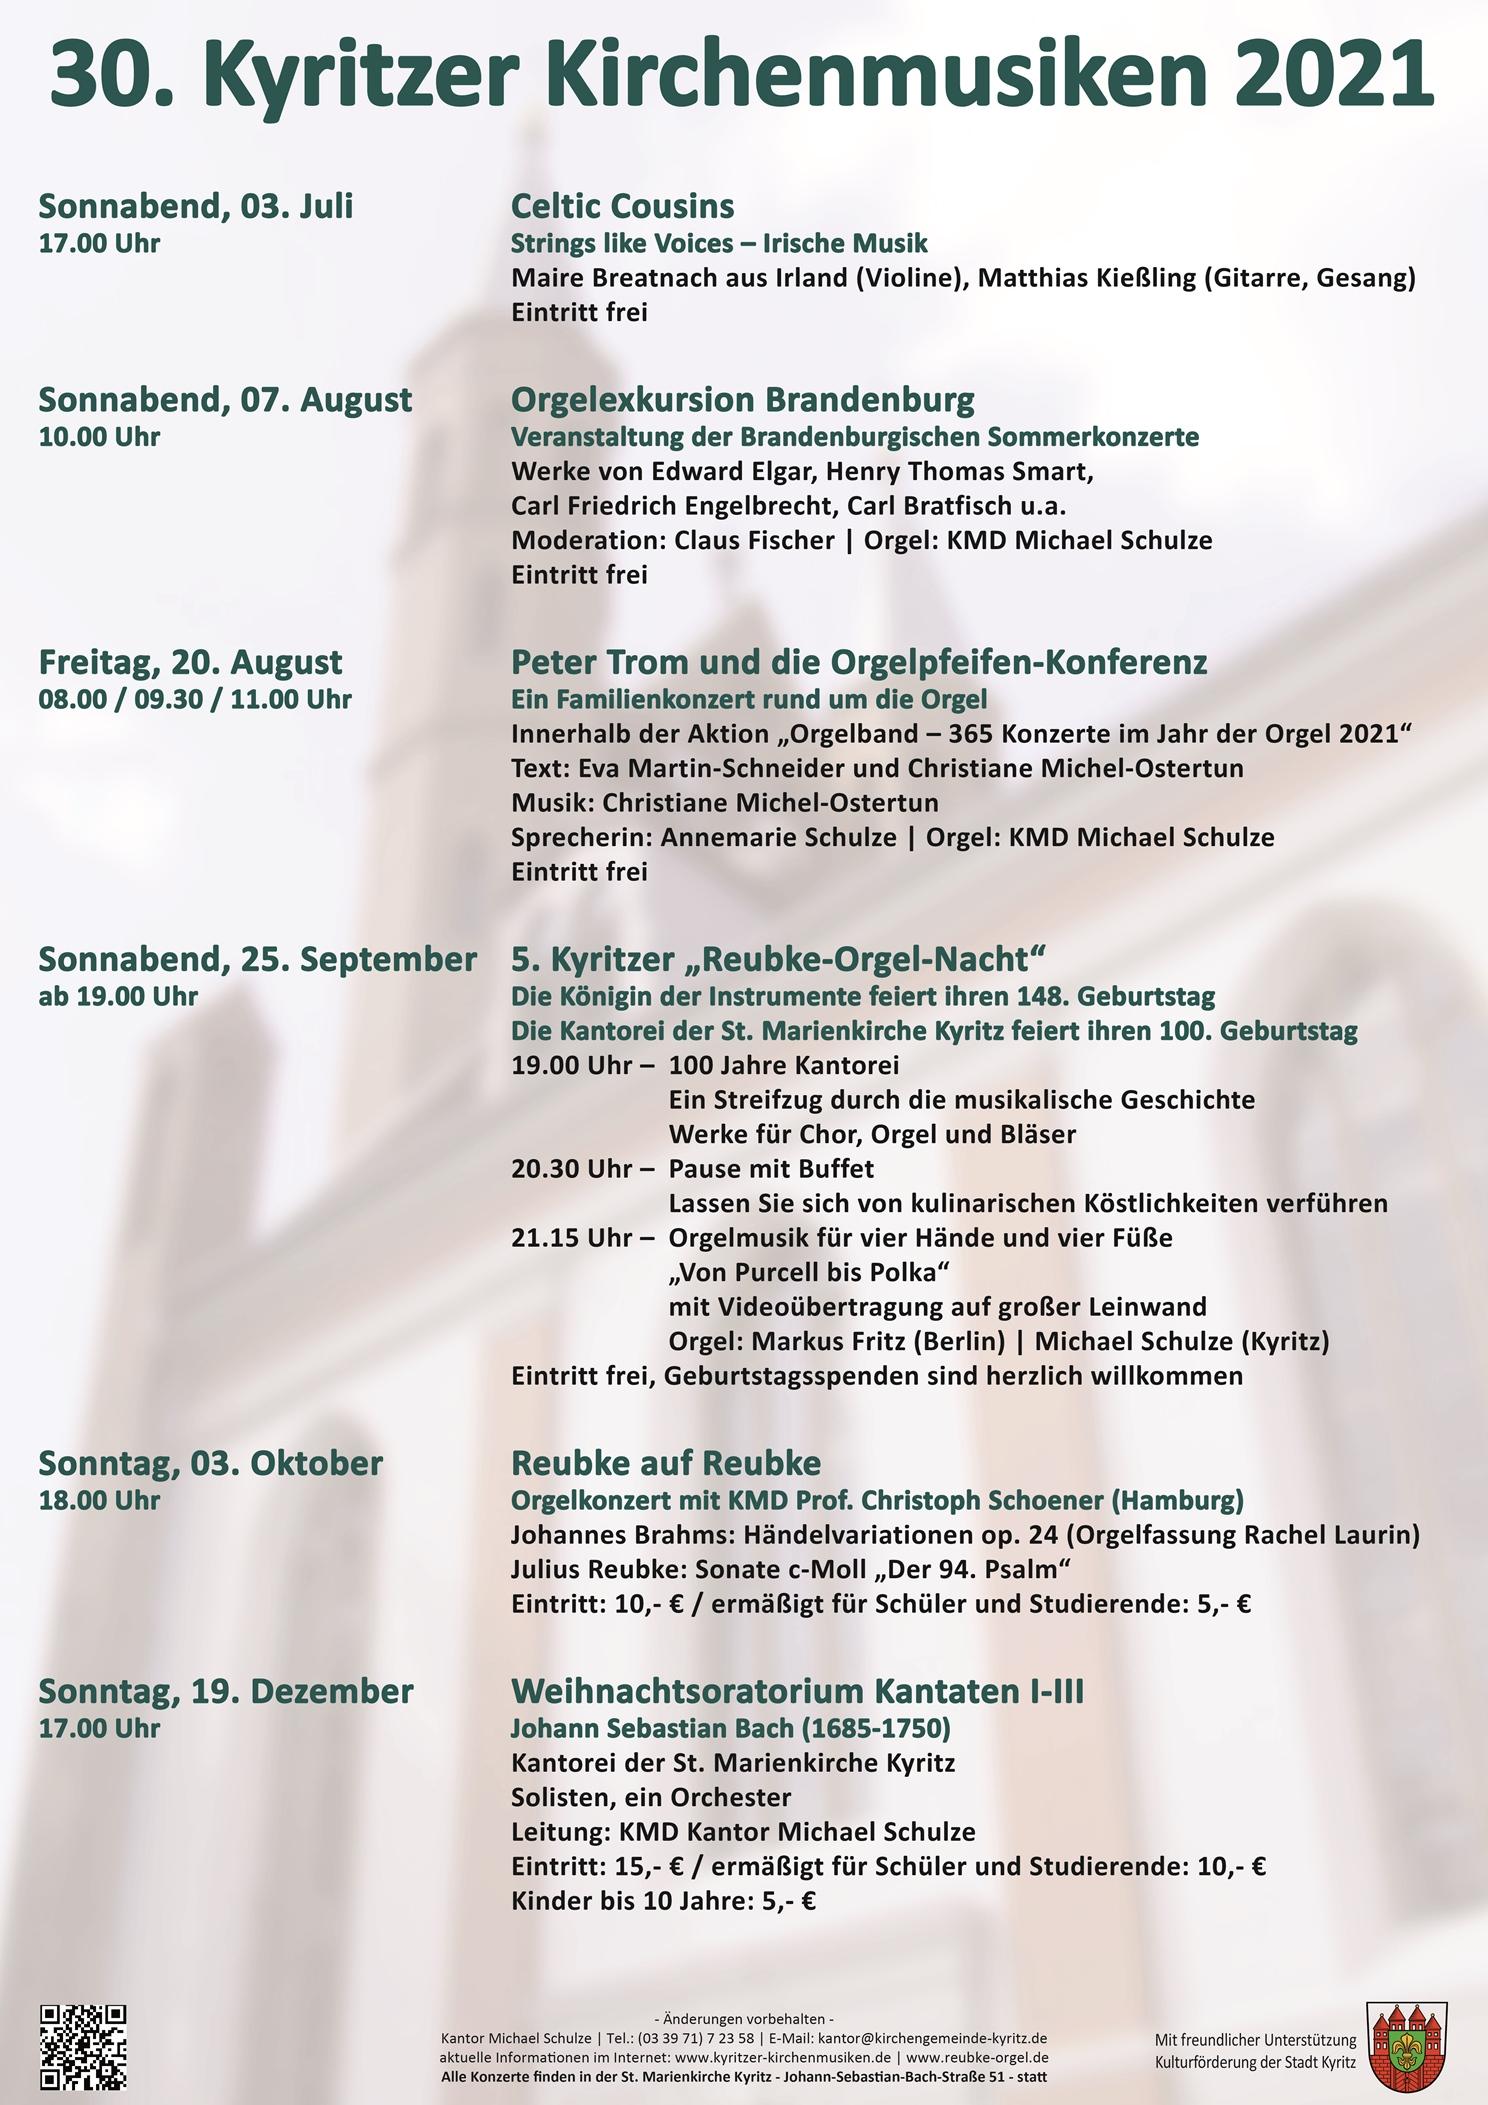 30. Kyritzer Kirchenmusiken 2021